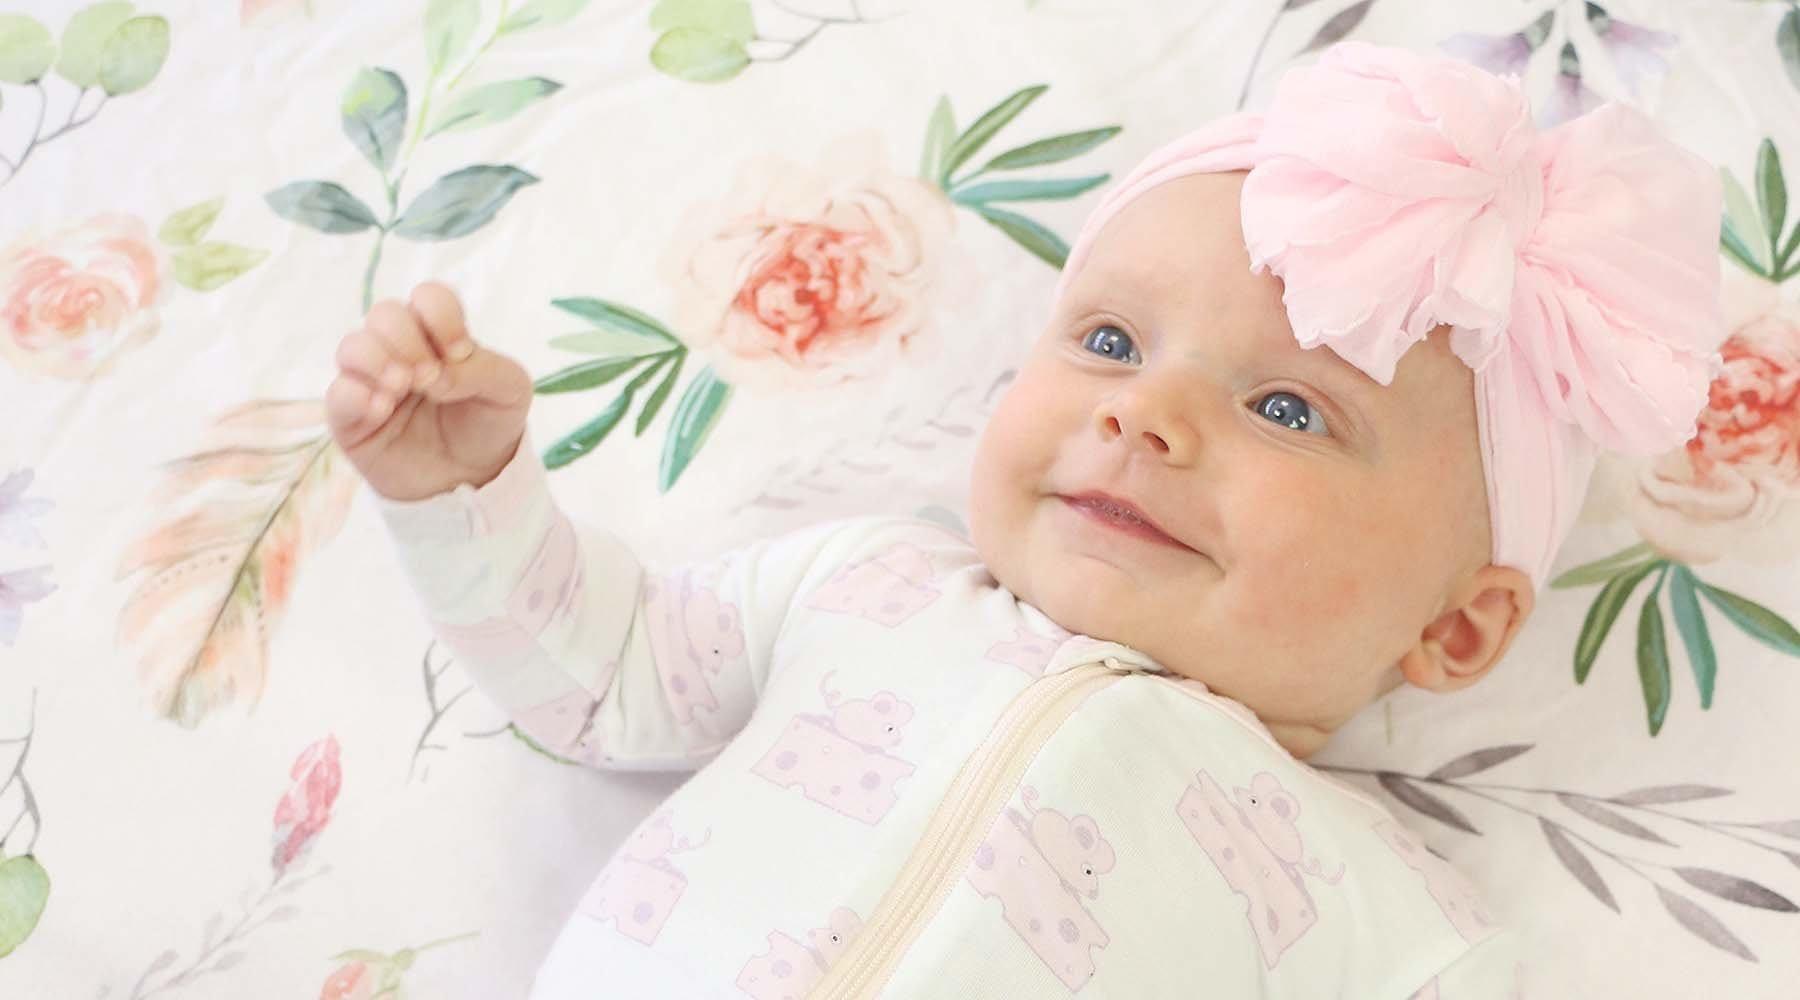 bebé preciosa sonriendo